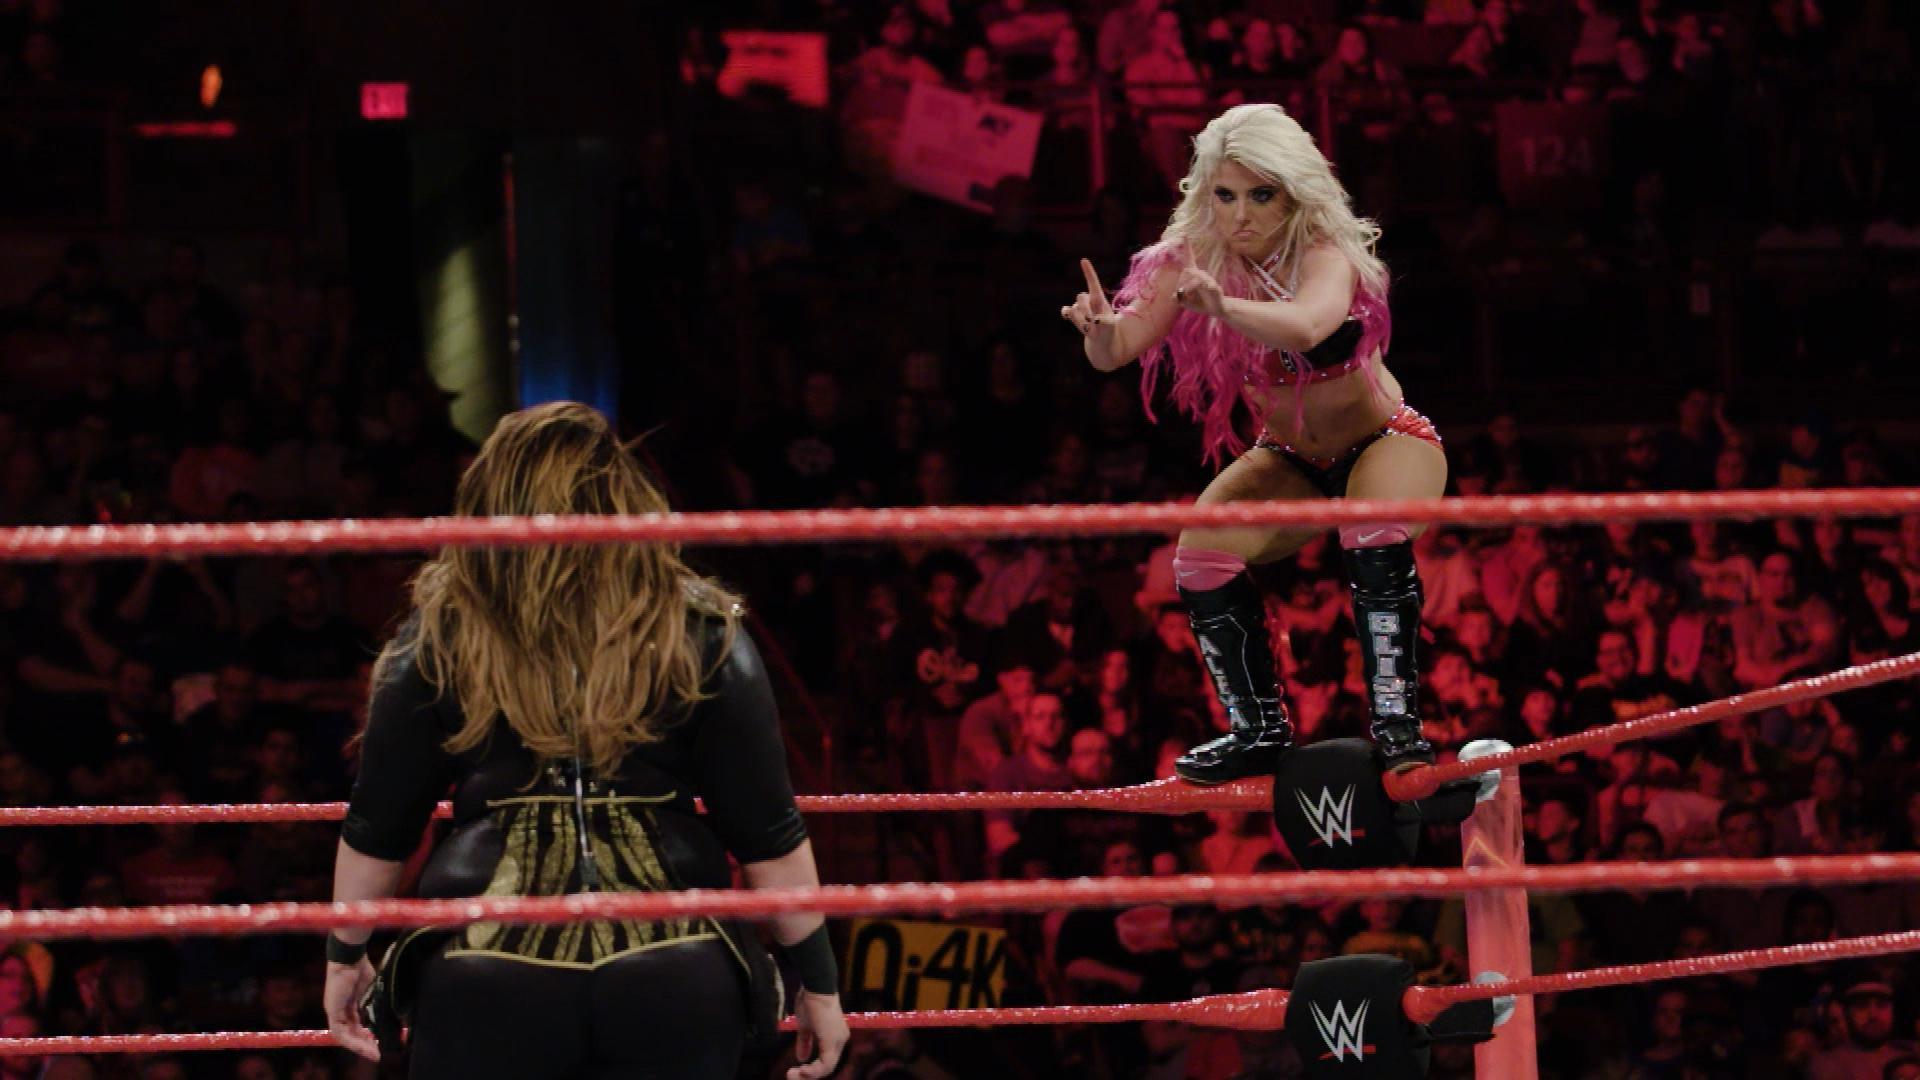 Zwolnione tempo starcia typu Fatal 4-Way: WWE.com Exclusive 17.04.17